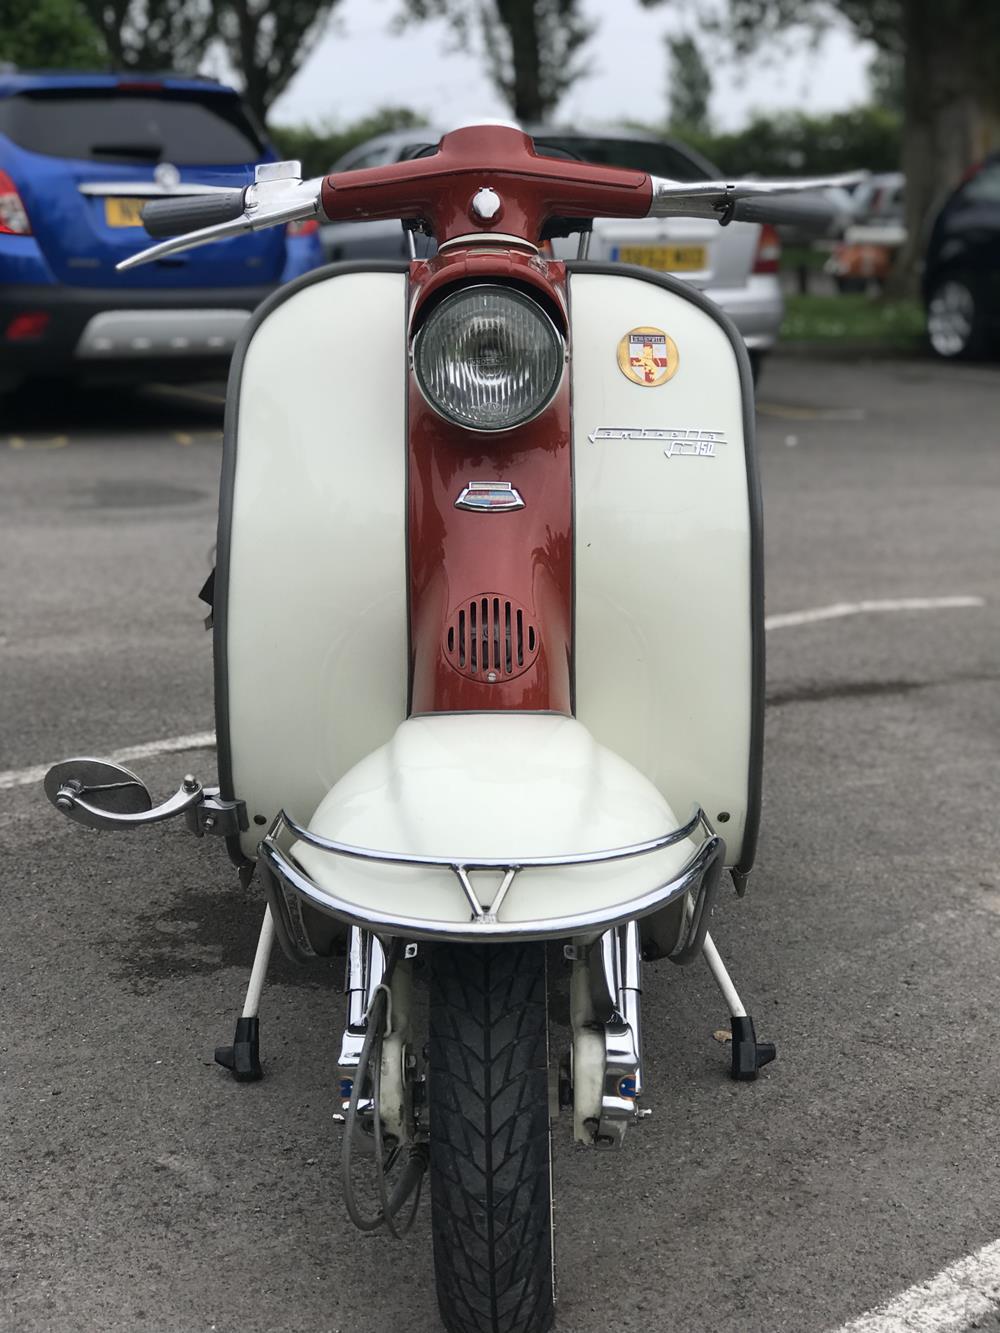 Lambretta Series 1 scooter